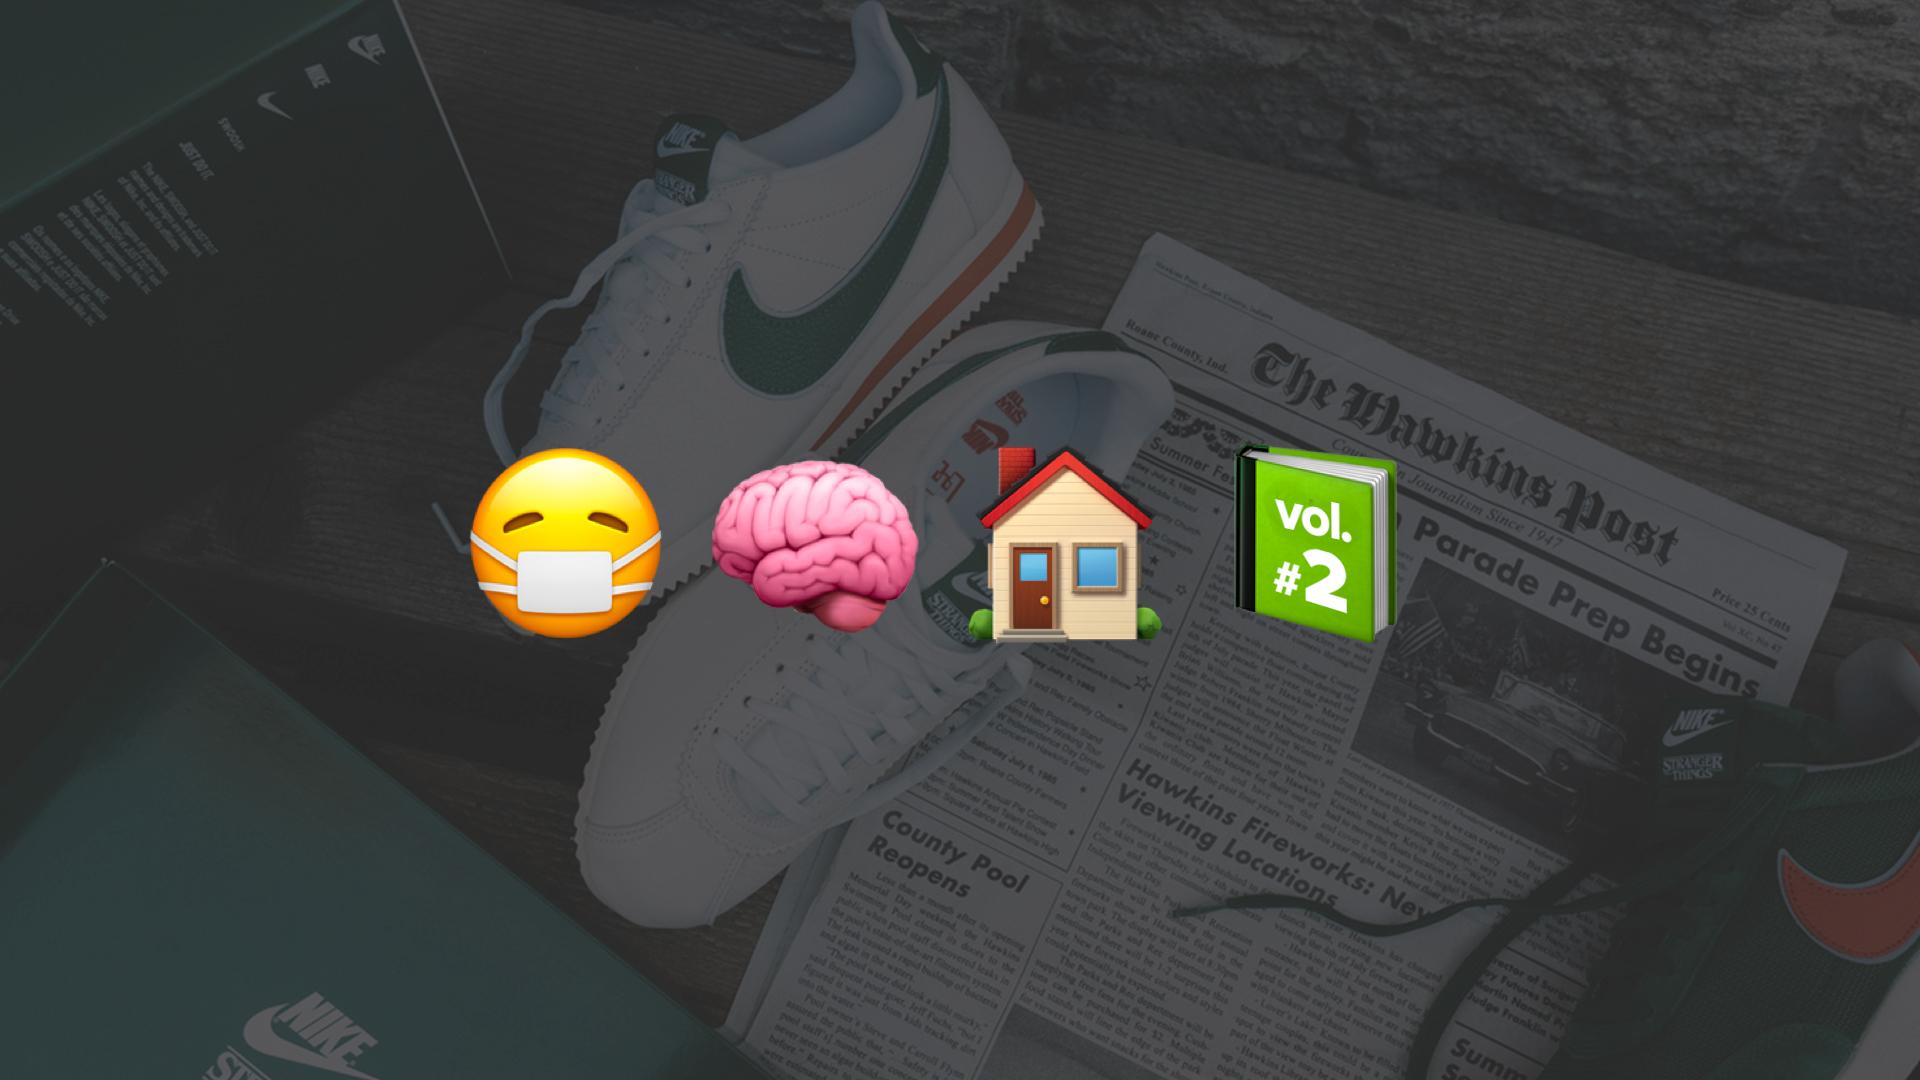 #2 Tenisky nech v botníku: Čas doma věnuj sobě